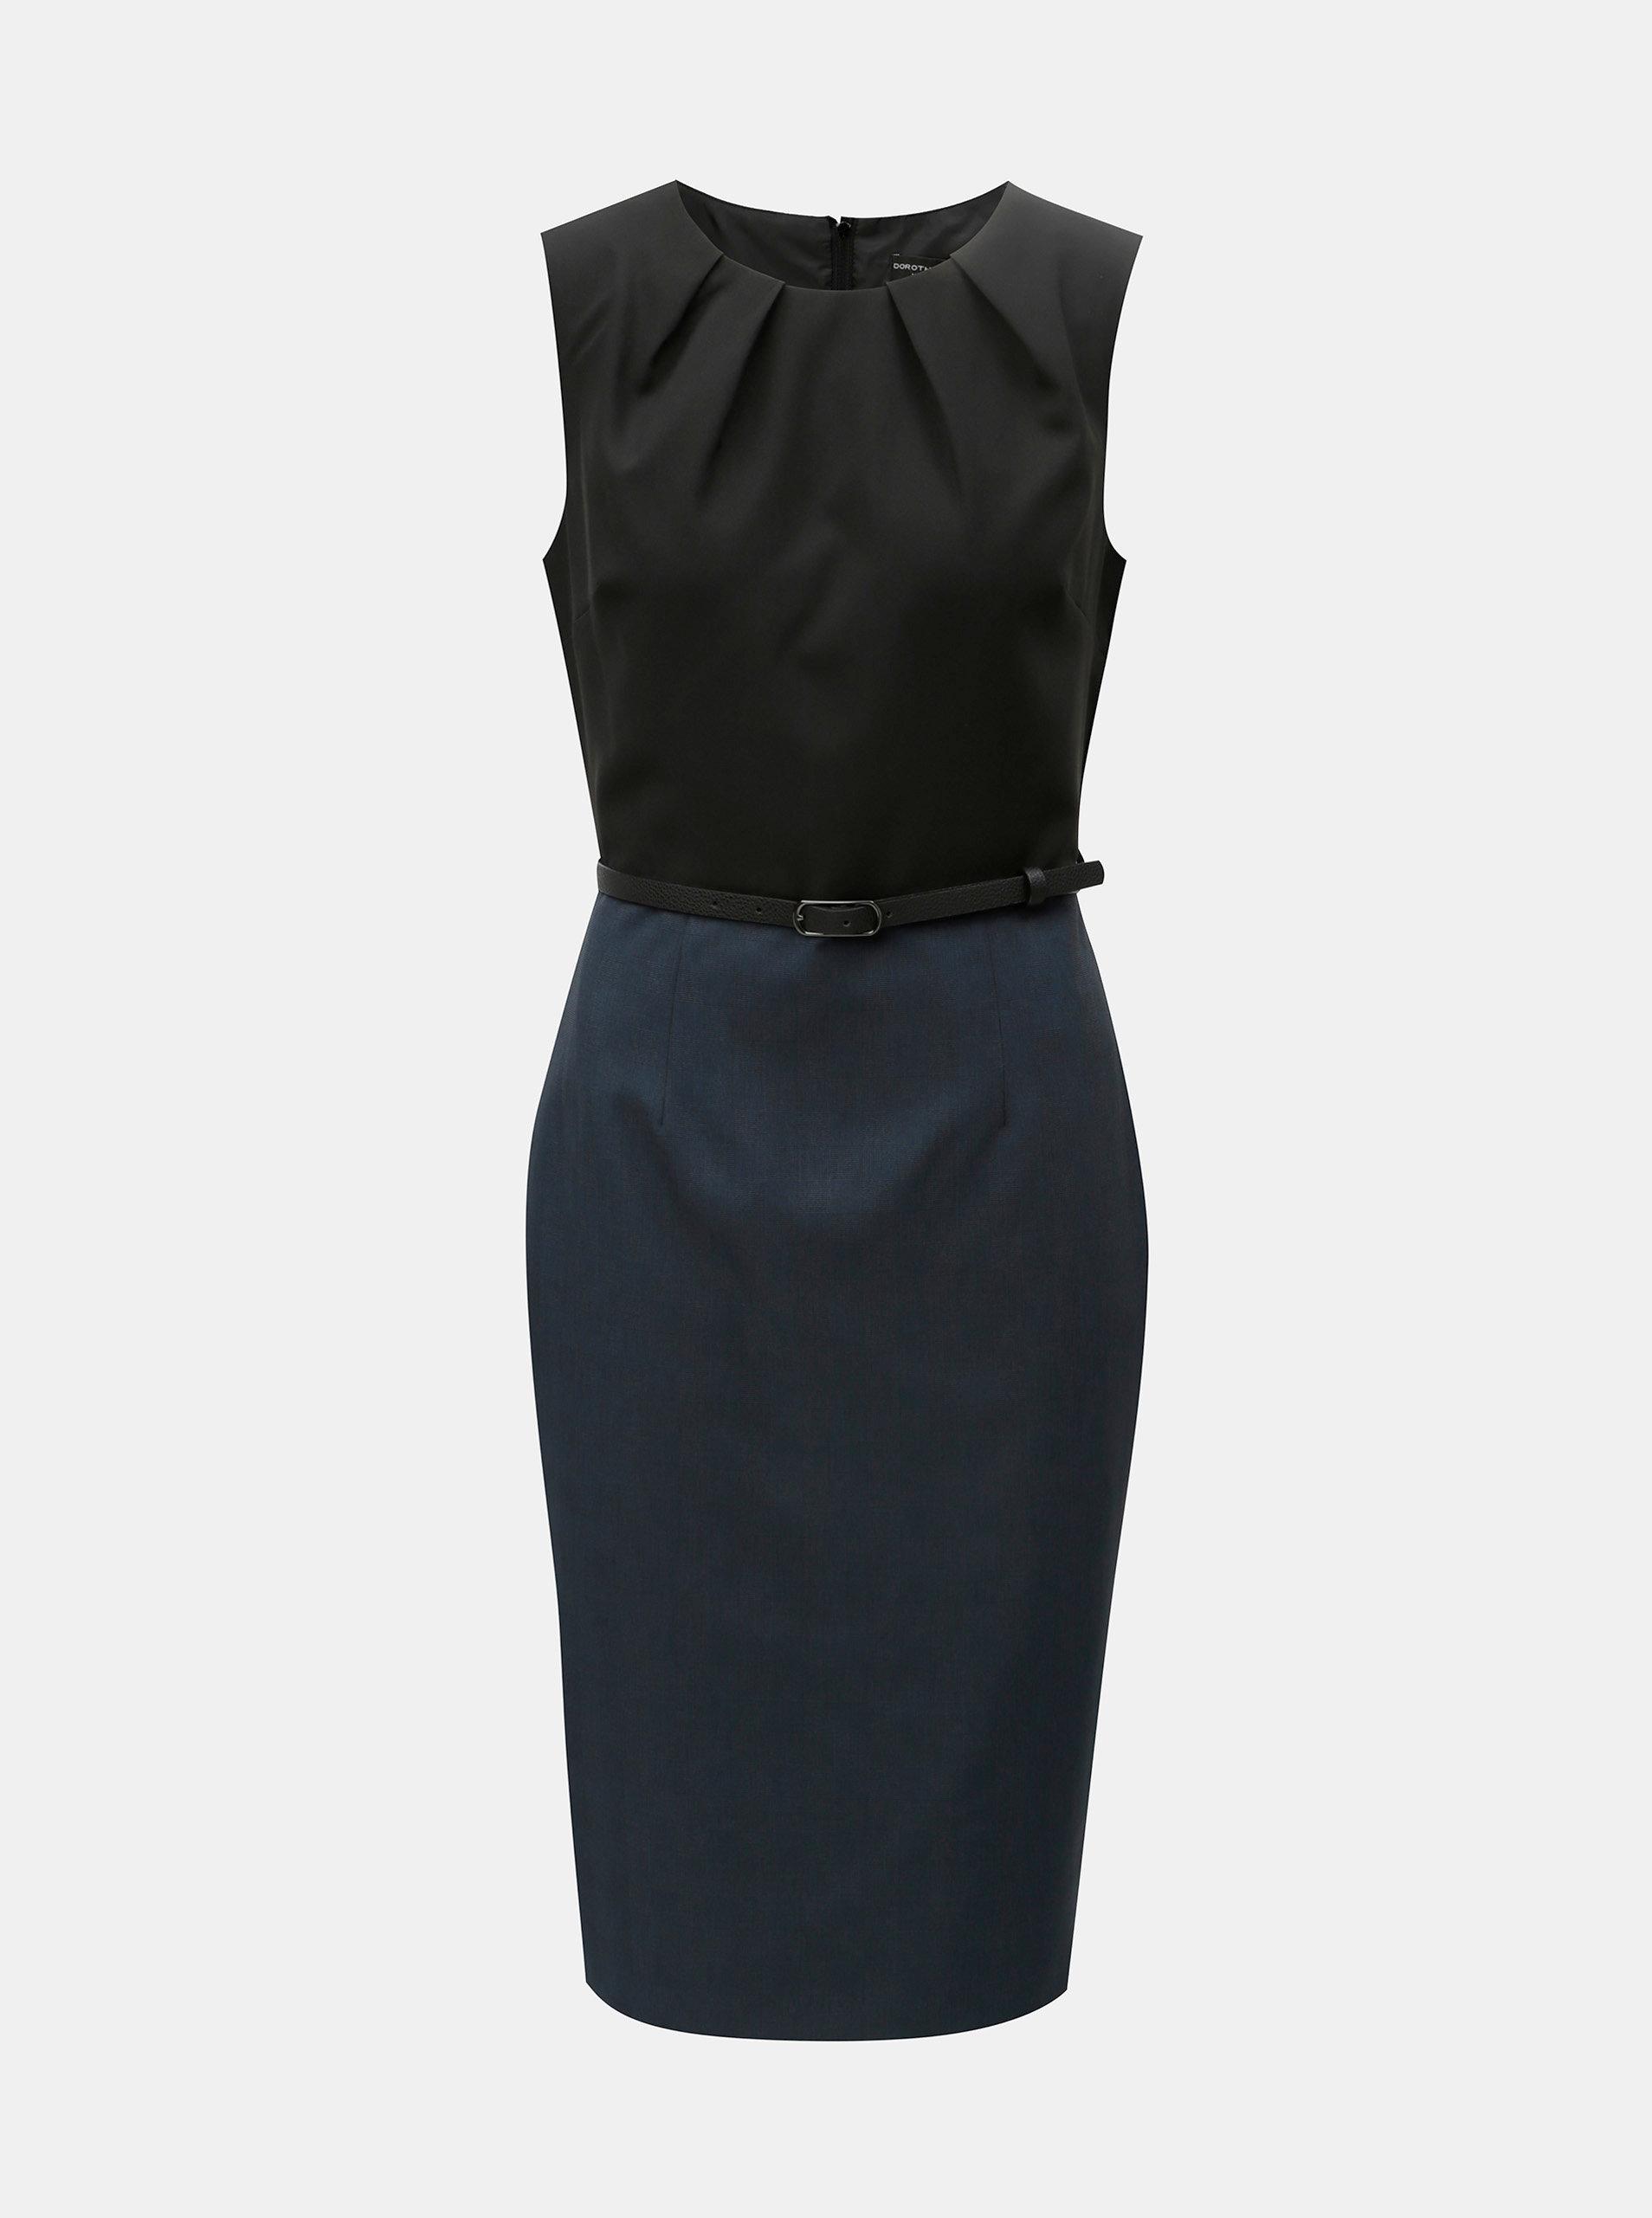 Čierno-modré puzdrové šaty s odnímateľným opaskom Dorothy Perkins ... f97bb42dd99